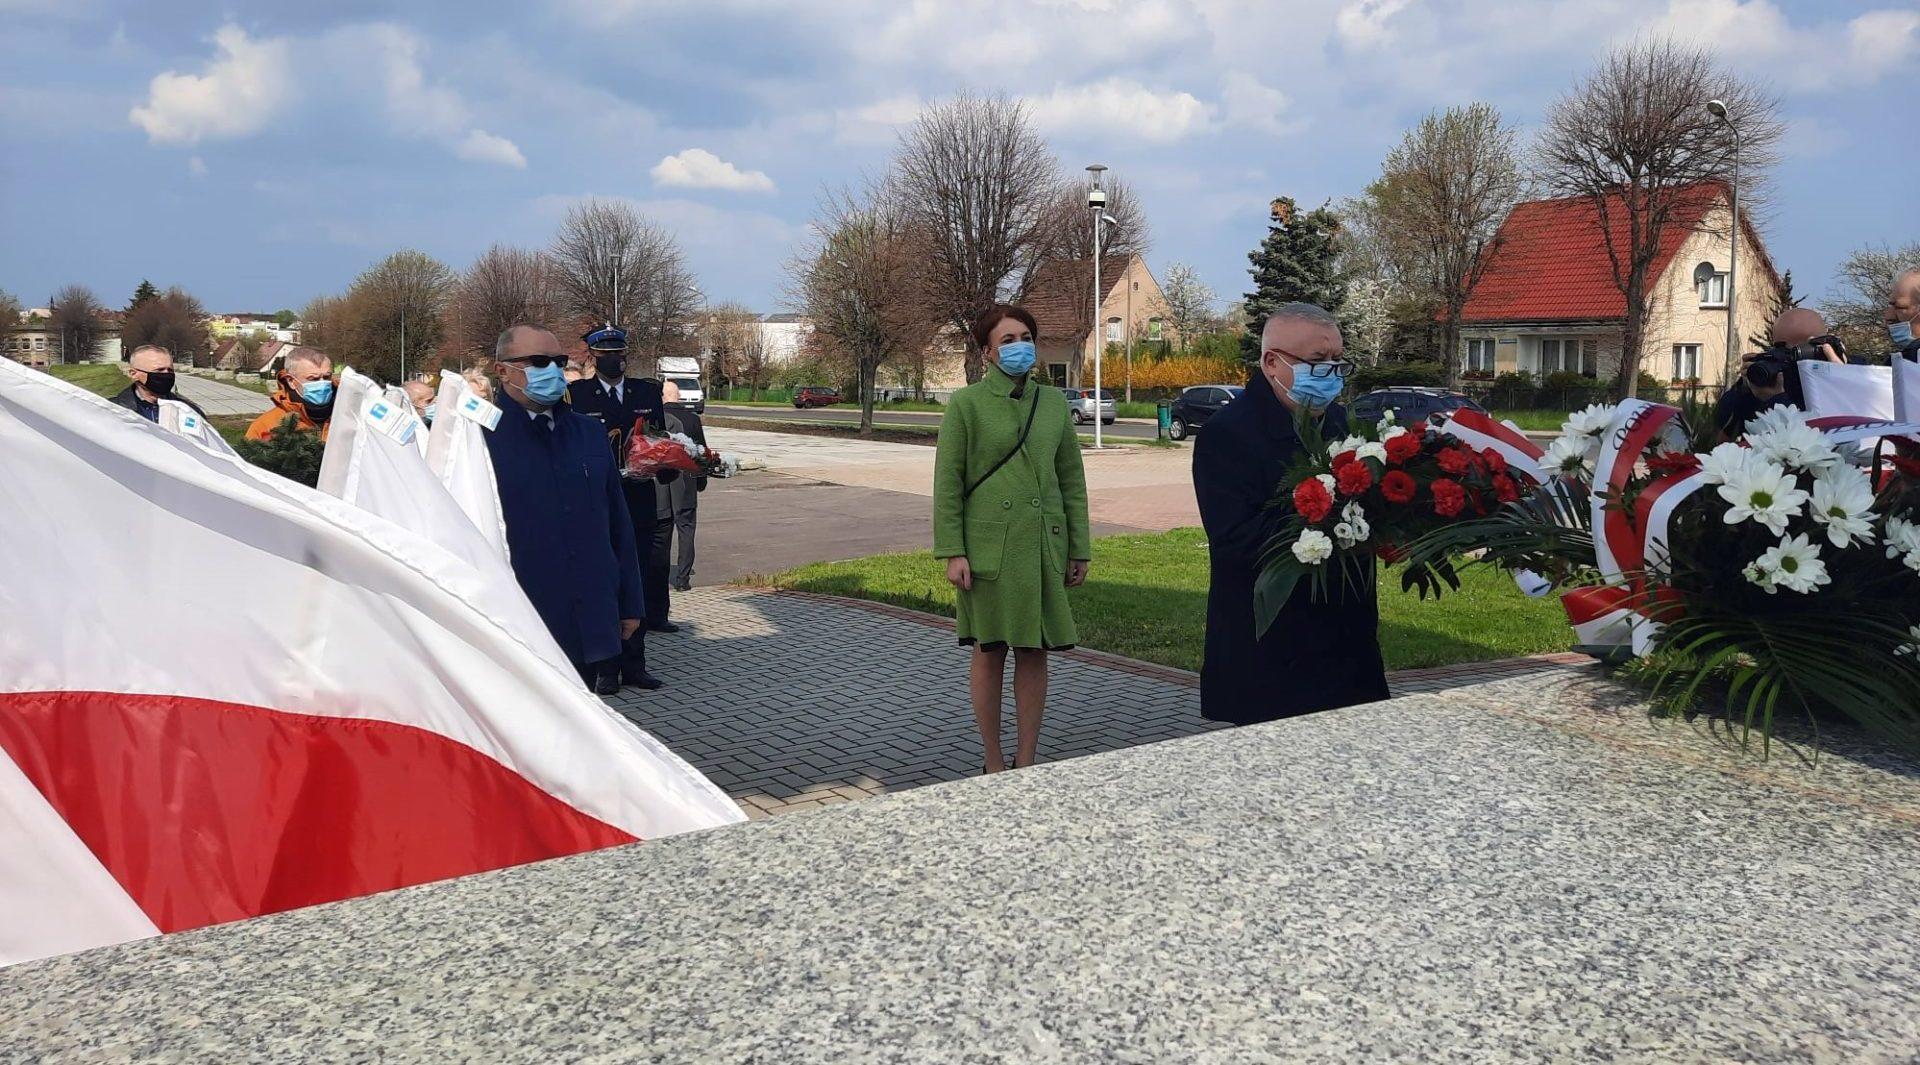 Zdjęcie dla wpisu - Zakończenie 76. rocznica zakończenia II Wojny Światowej